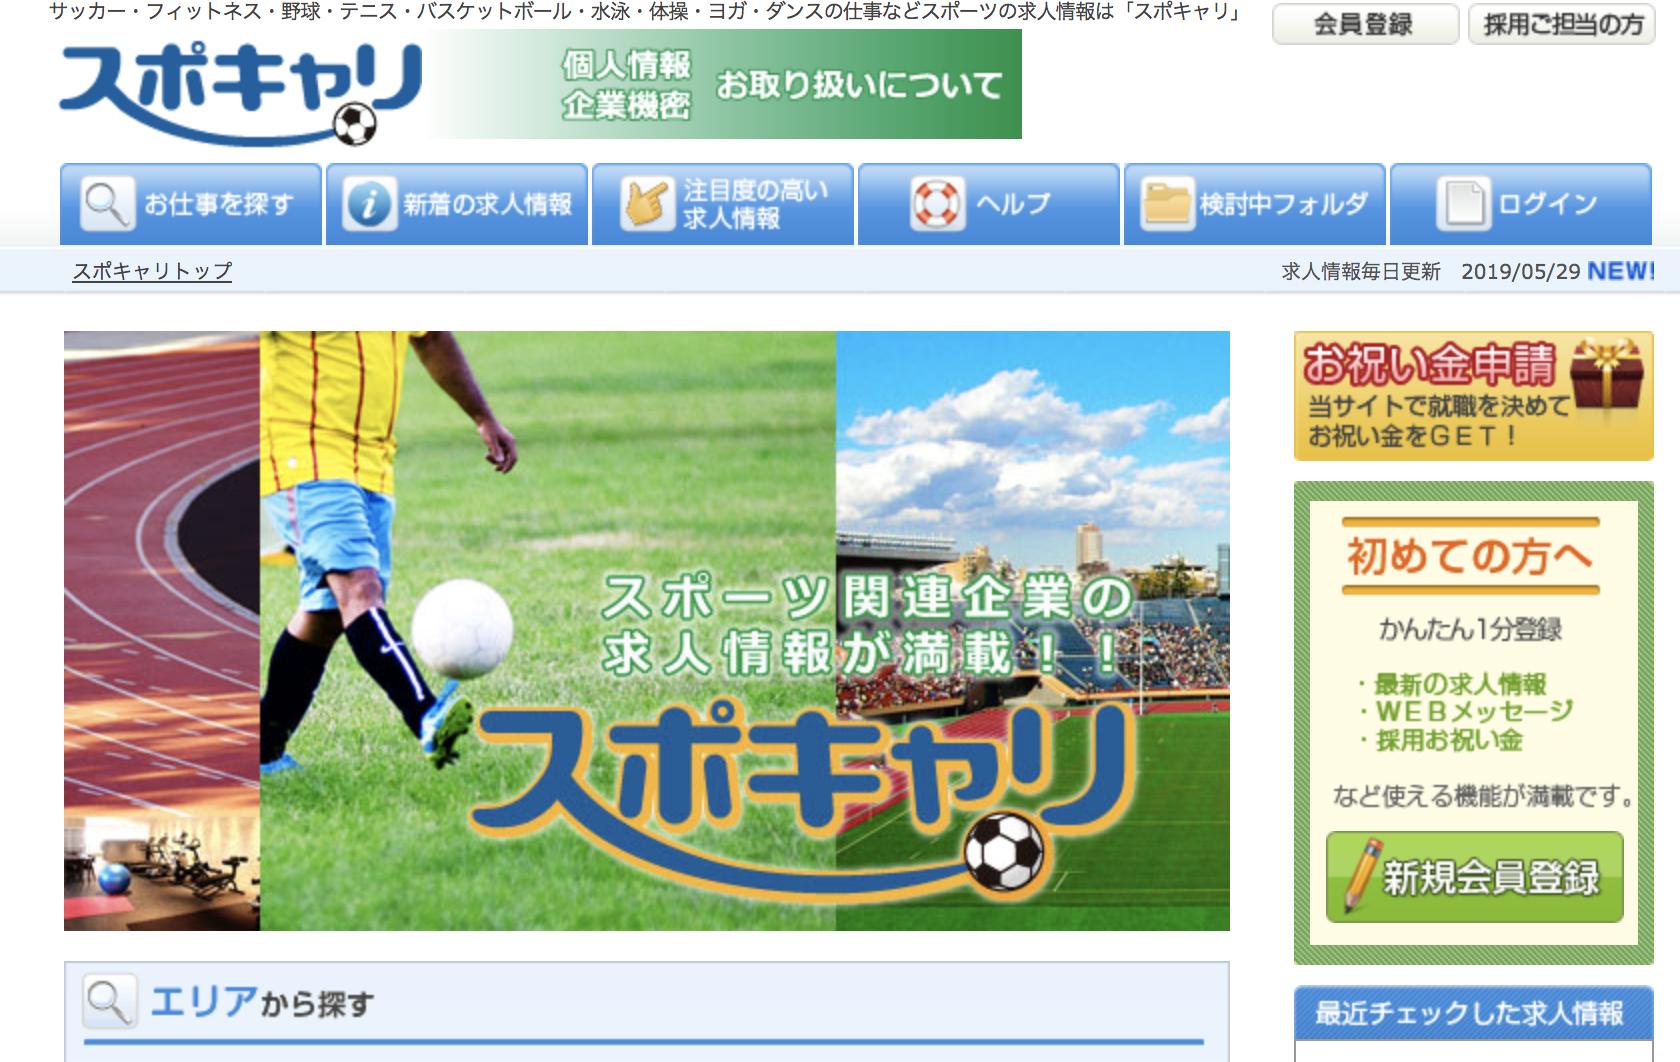 スポーツに特化した求人サイト!【スポキャリ】の3つの特徴について